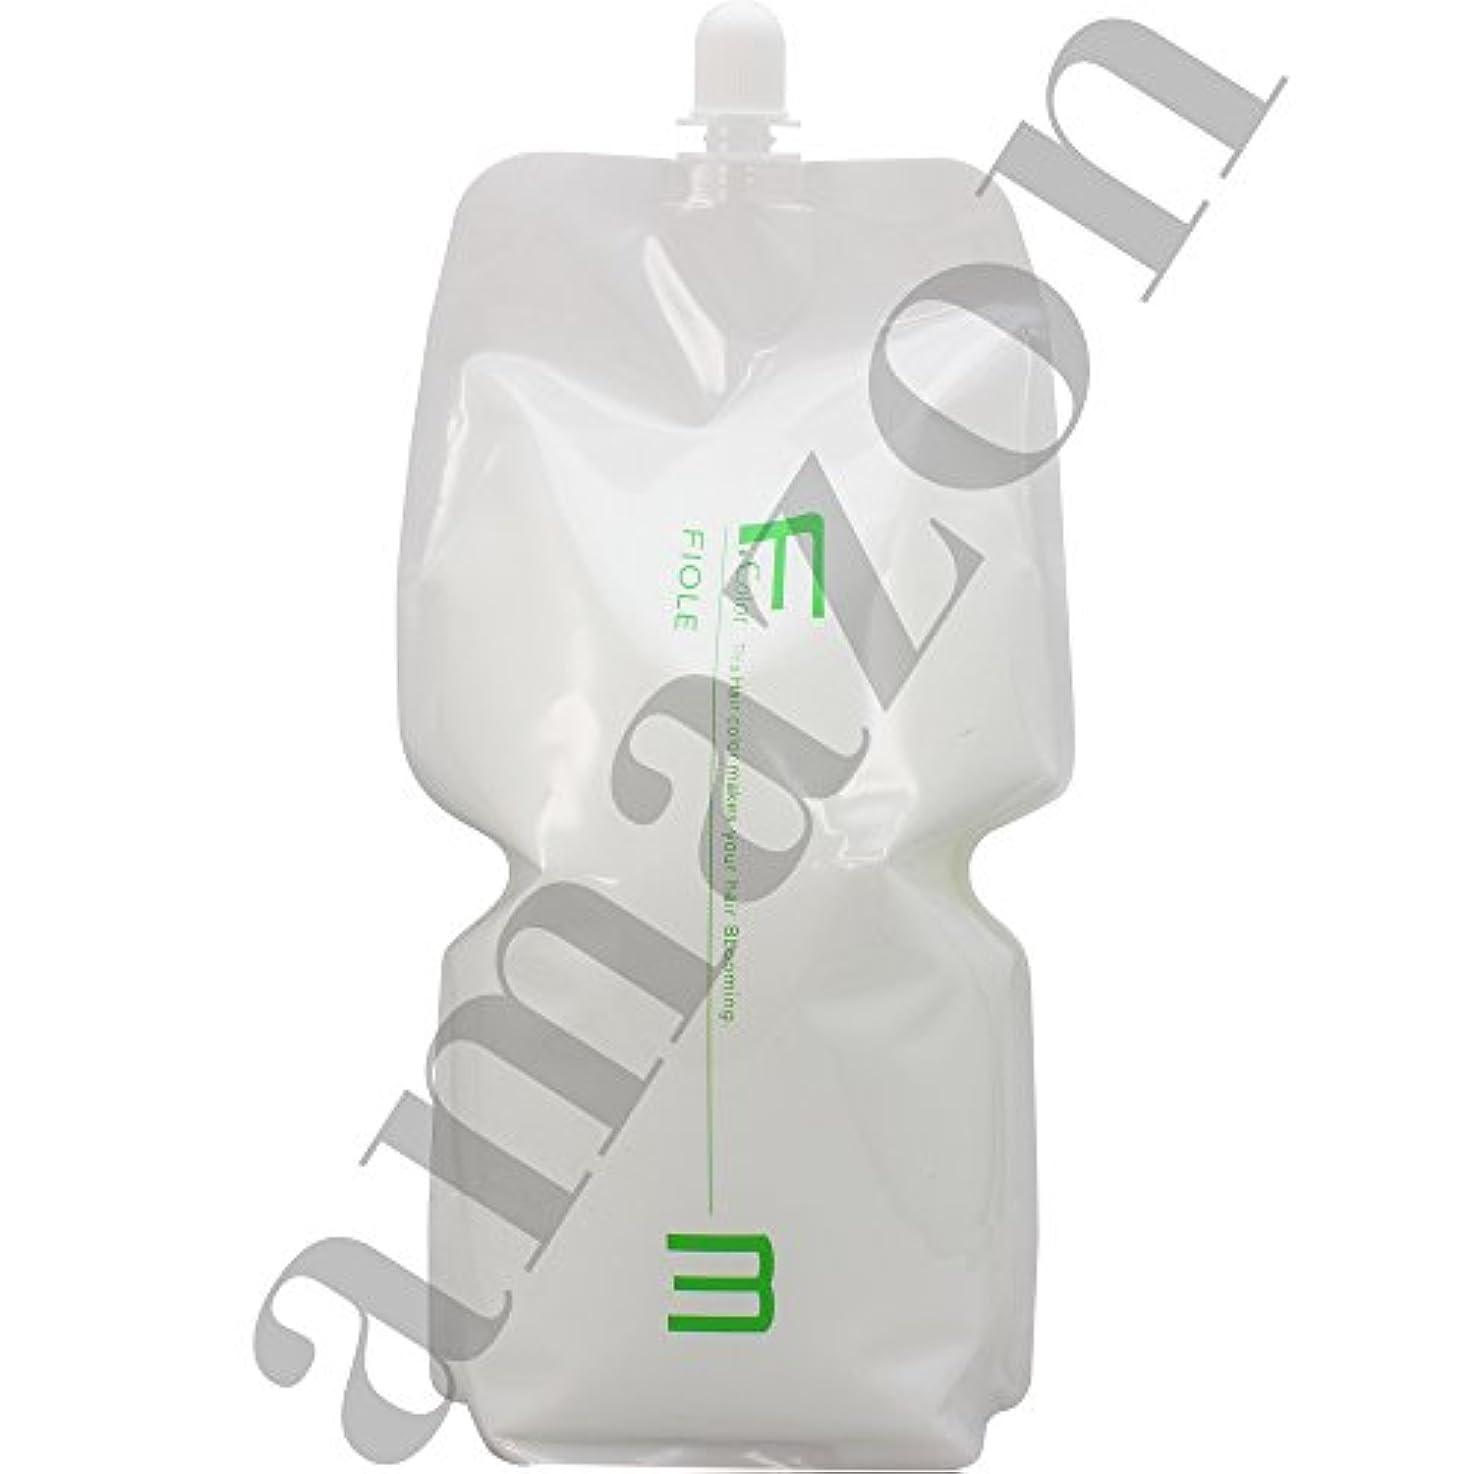 こっそり枯渇する百科事典フィヨーレ BLカラー OX 2000ml 染毛補助剤 第2剤 パウチ (OX3%)